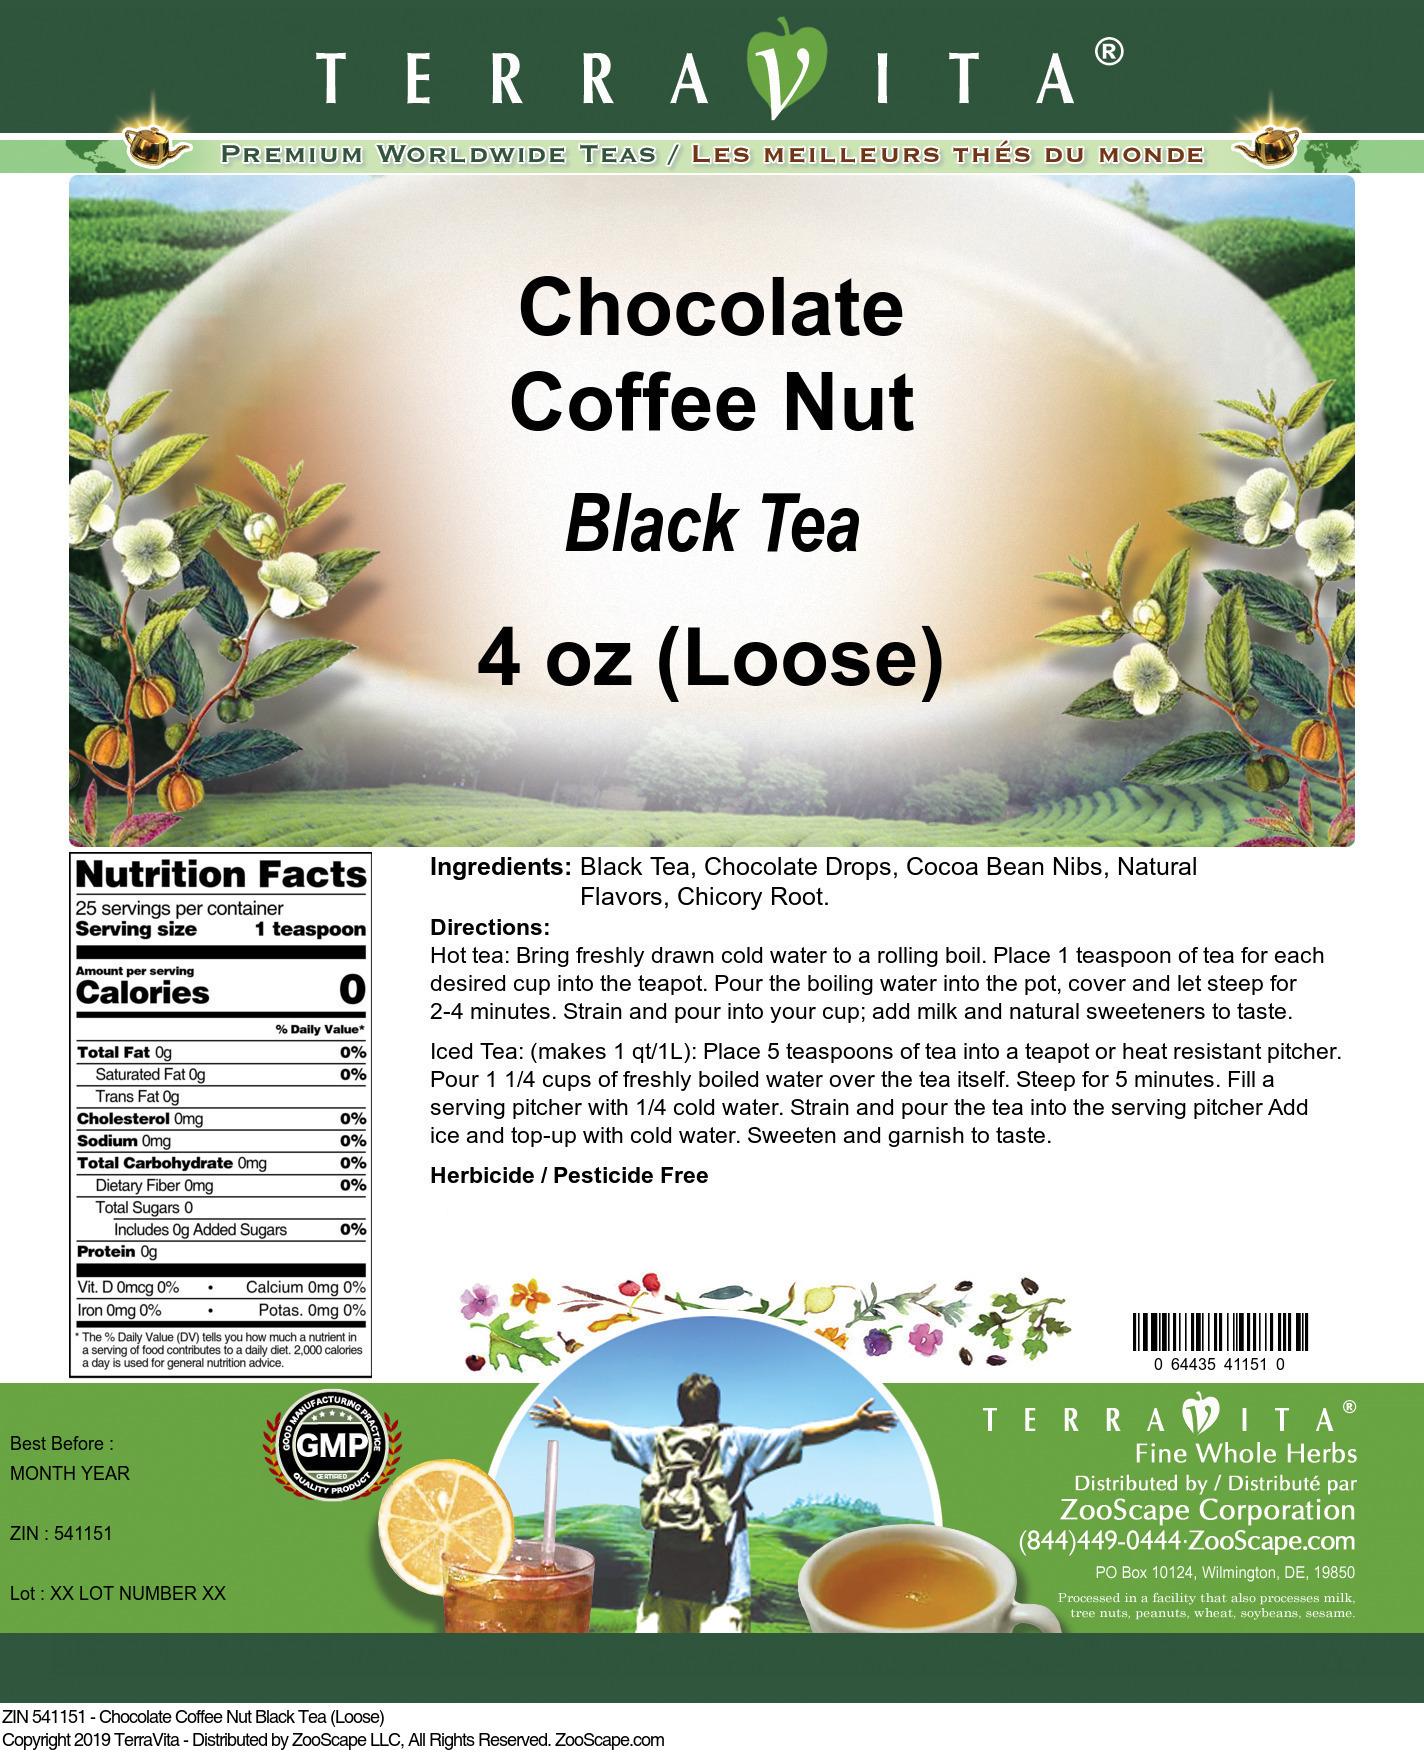 Chocolate Coffee Nut Black Tea (Loose)